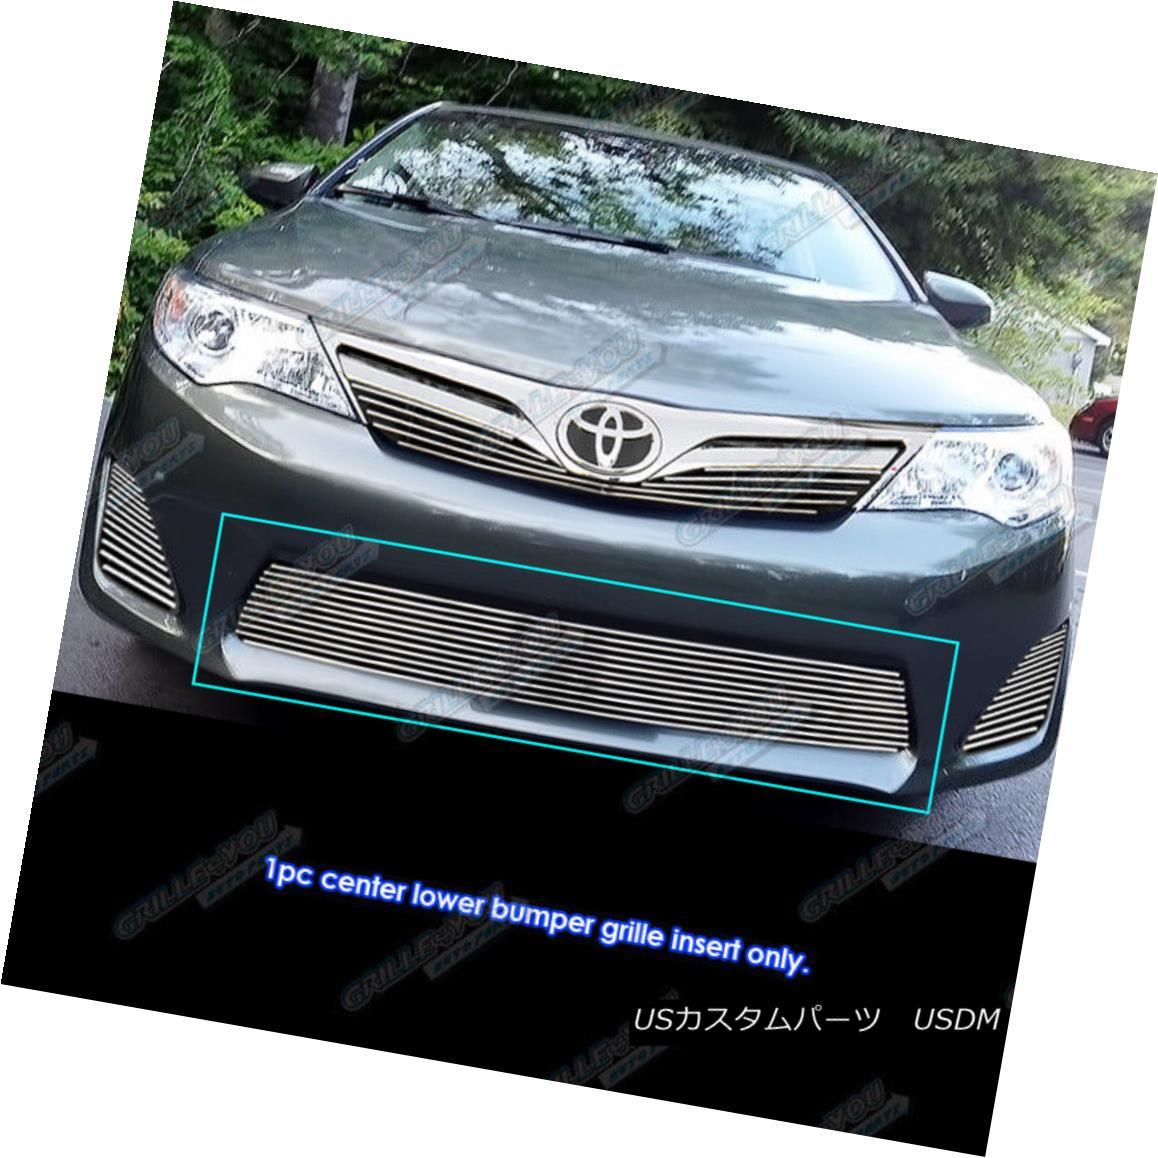 グリル Fits 2012-2014 Toyota Camry Lower Bumper Billet Grille Gill Insert フィット2012-2014トヨタカムリロワーバンパービレットグリルギルインサート